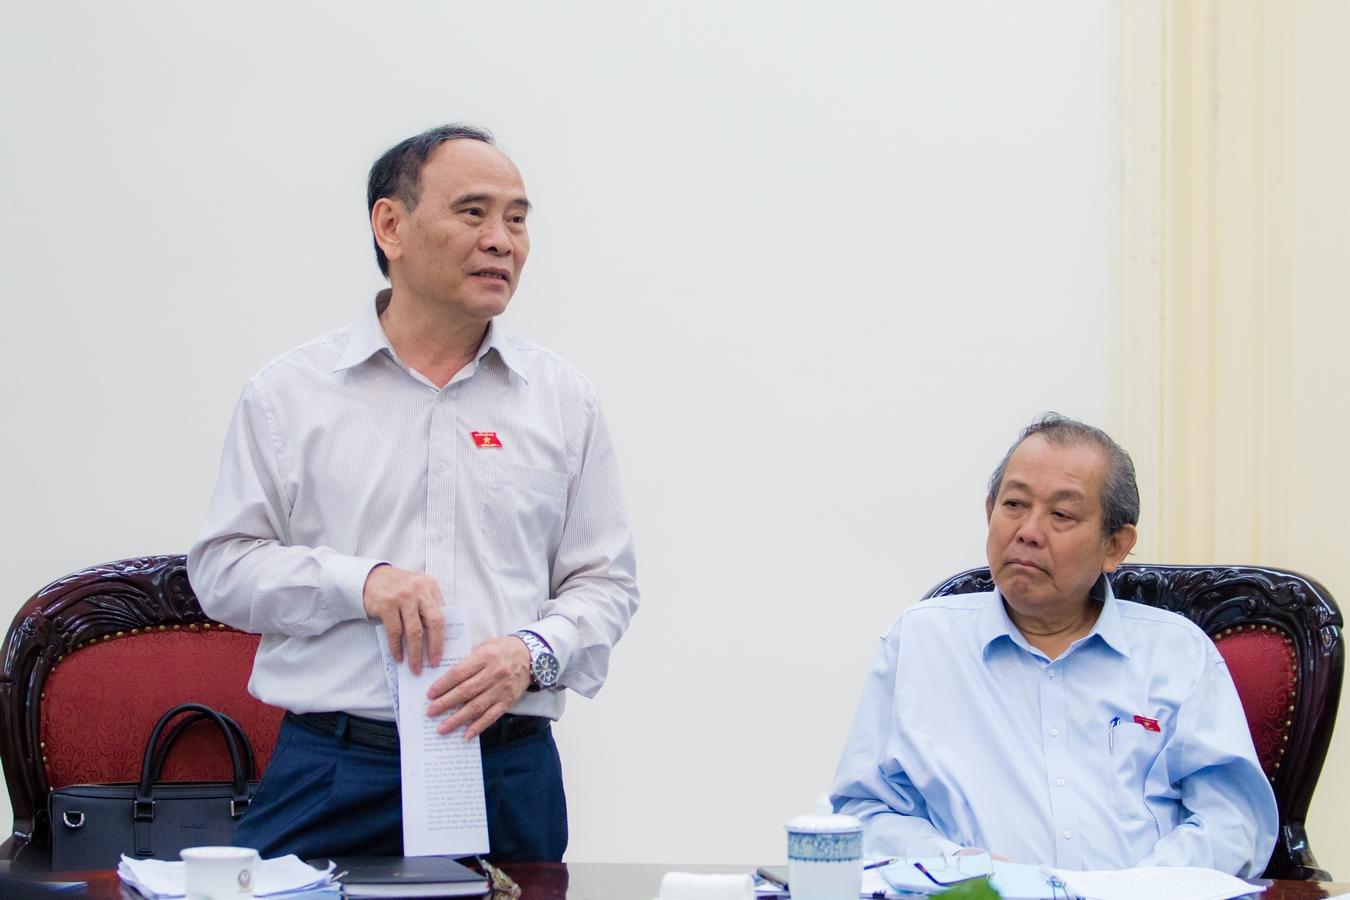 Phó Thủ tướng Thường trực Trương Hòa Bình làm việc với Hội Luật gia Việt Nam về công tác chuẩn bị tổ chức Đại hội đại biểu toàn quốc lần thứ XIII (2019-2024) - Ảnh 1